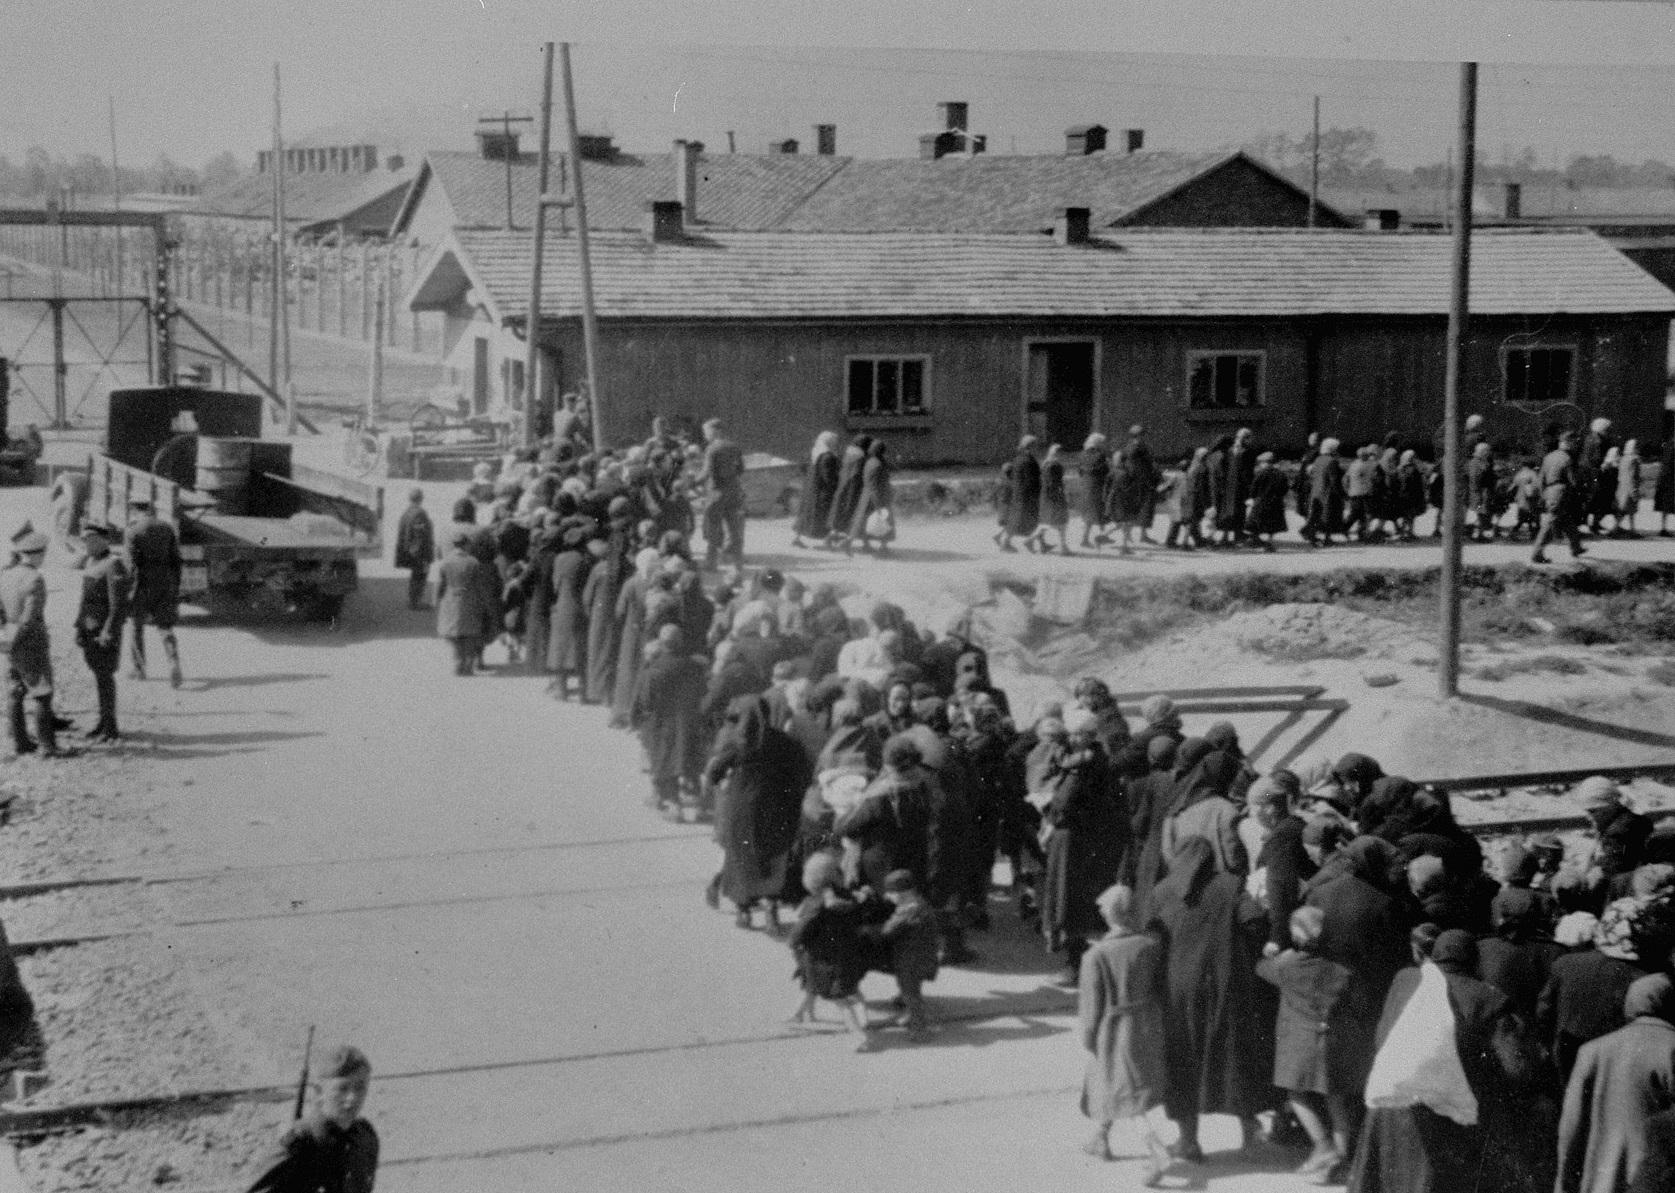 在奧斯維辛集中營裡,估計有110萬猶太人慘遭納粹殺害。圖片來源:E. Hoffmann & B. Walter/Wikimedia Commons